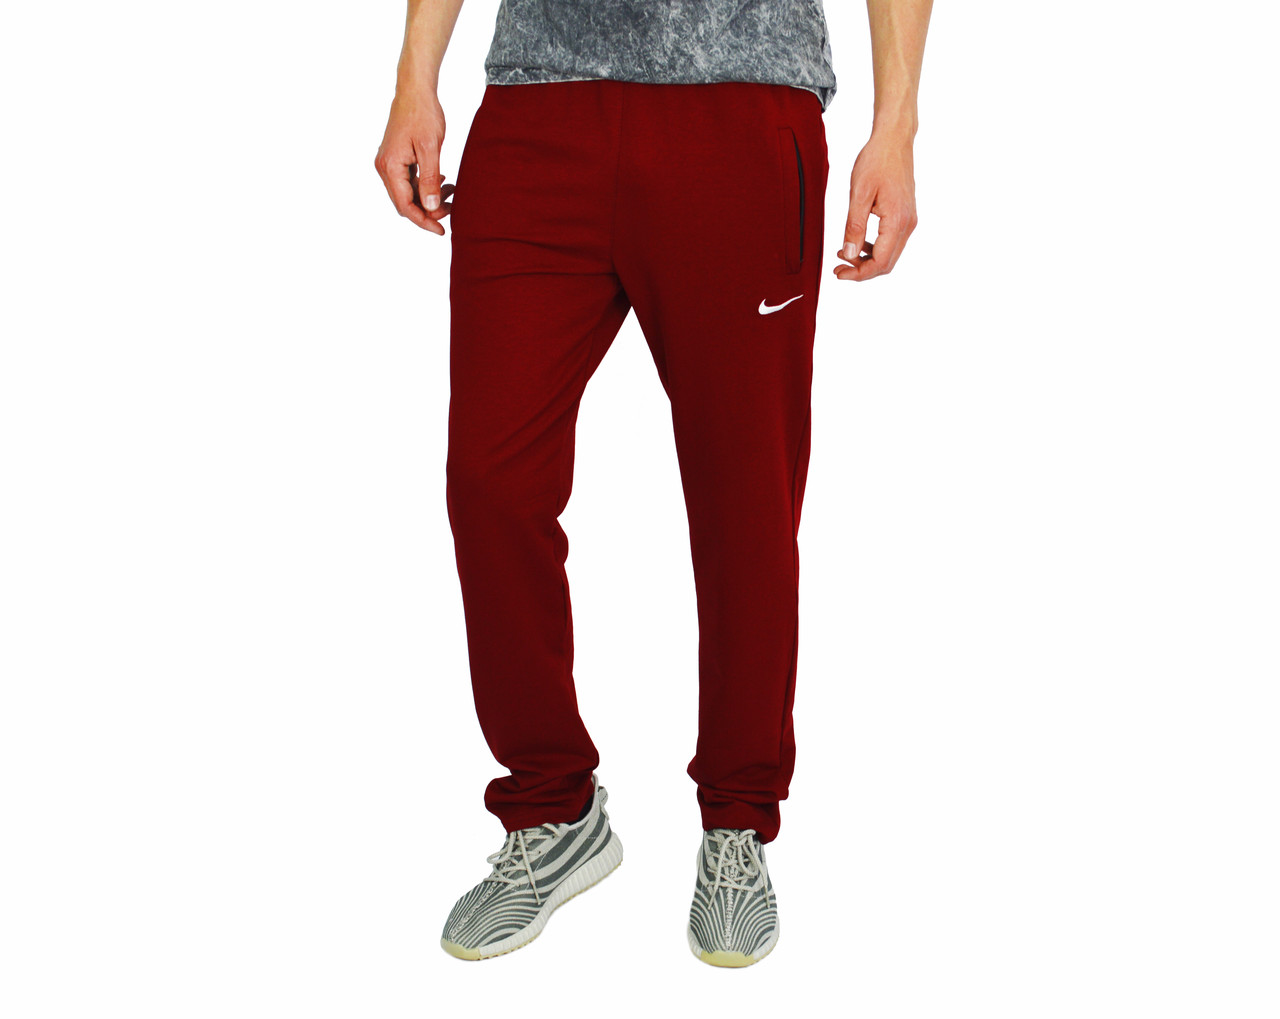 Красные мужские спортивные трикотажные штаны с манжетами NIKE ... 1b87f31aa60